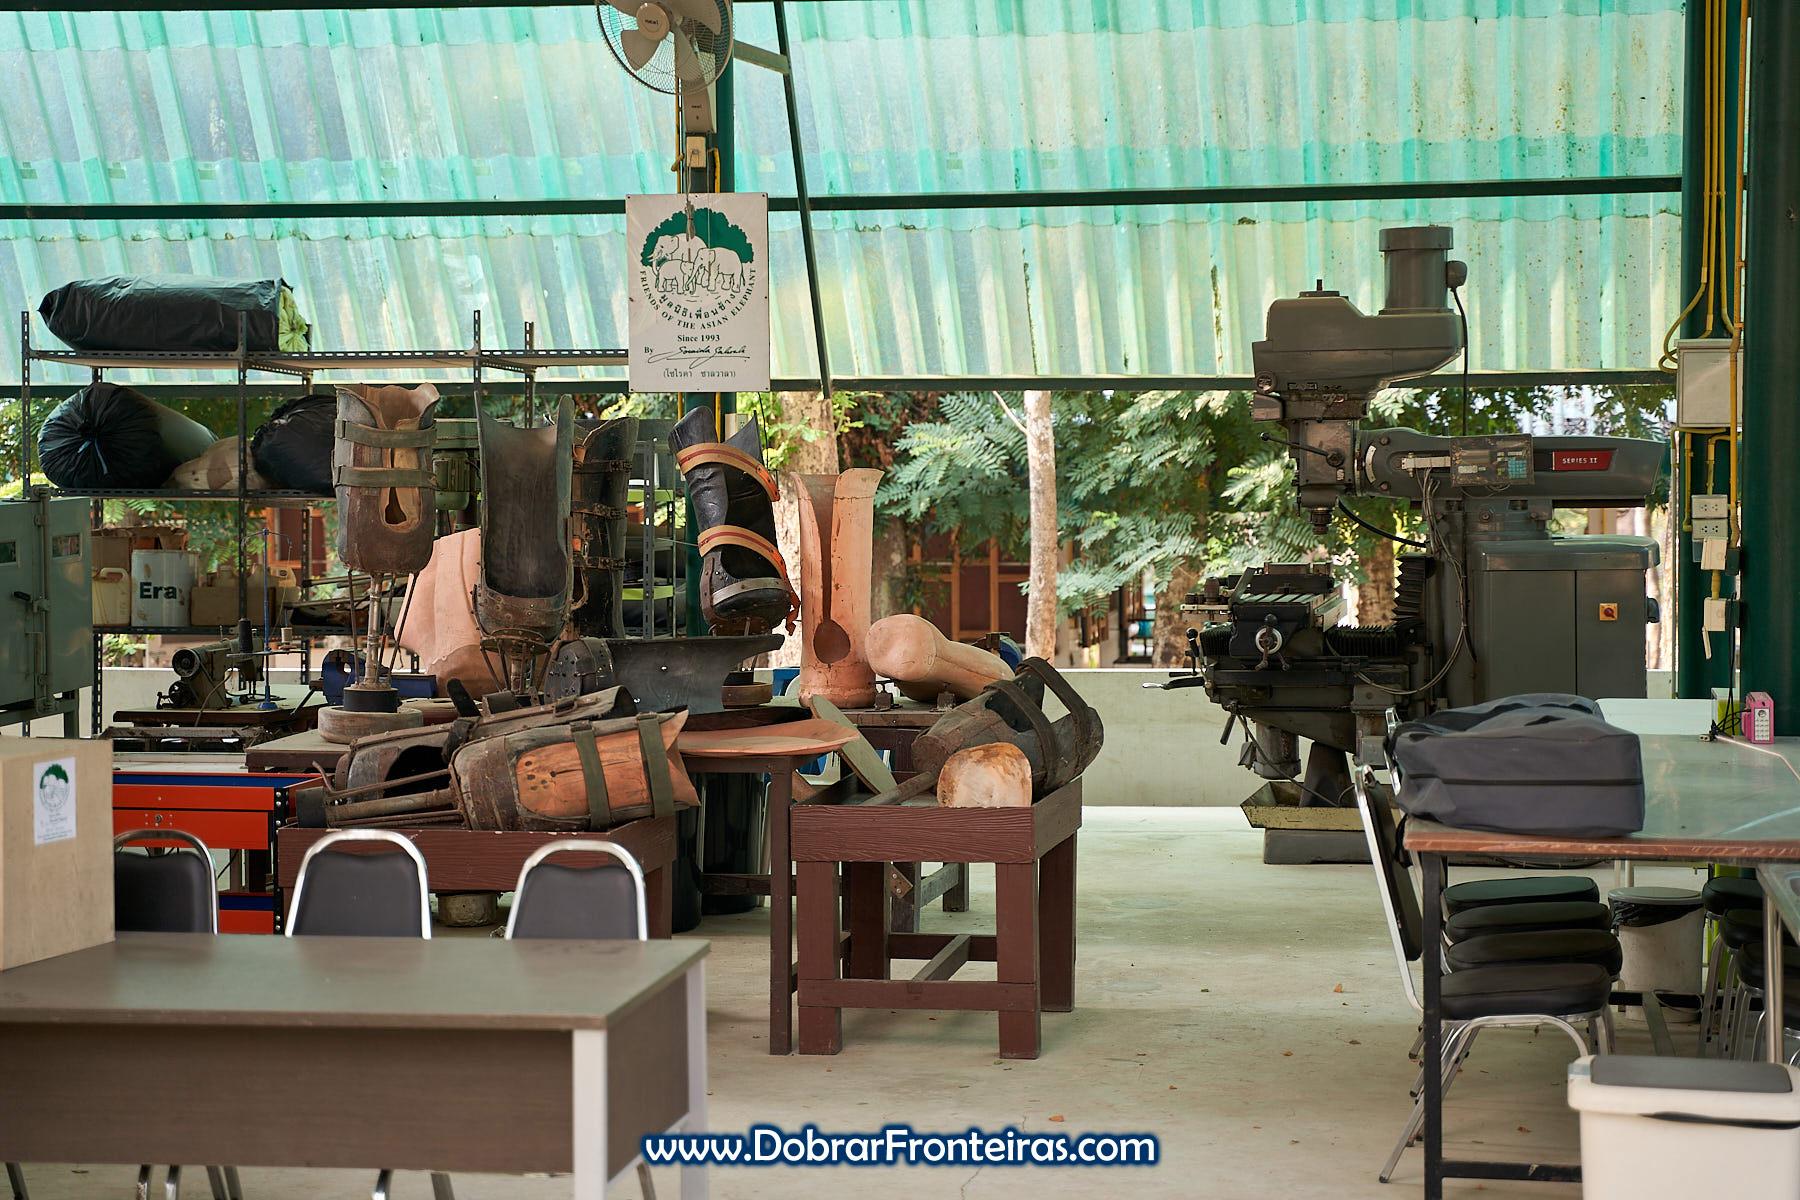 oficina de próteses para elefantes